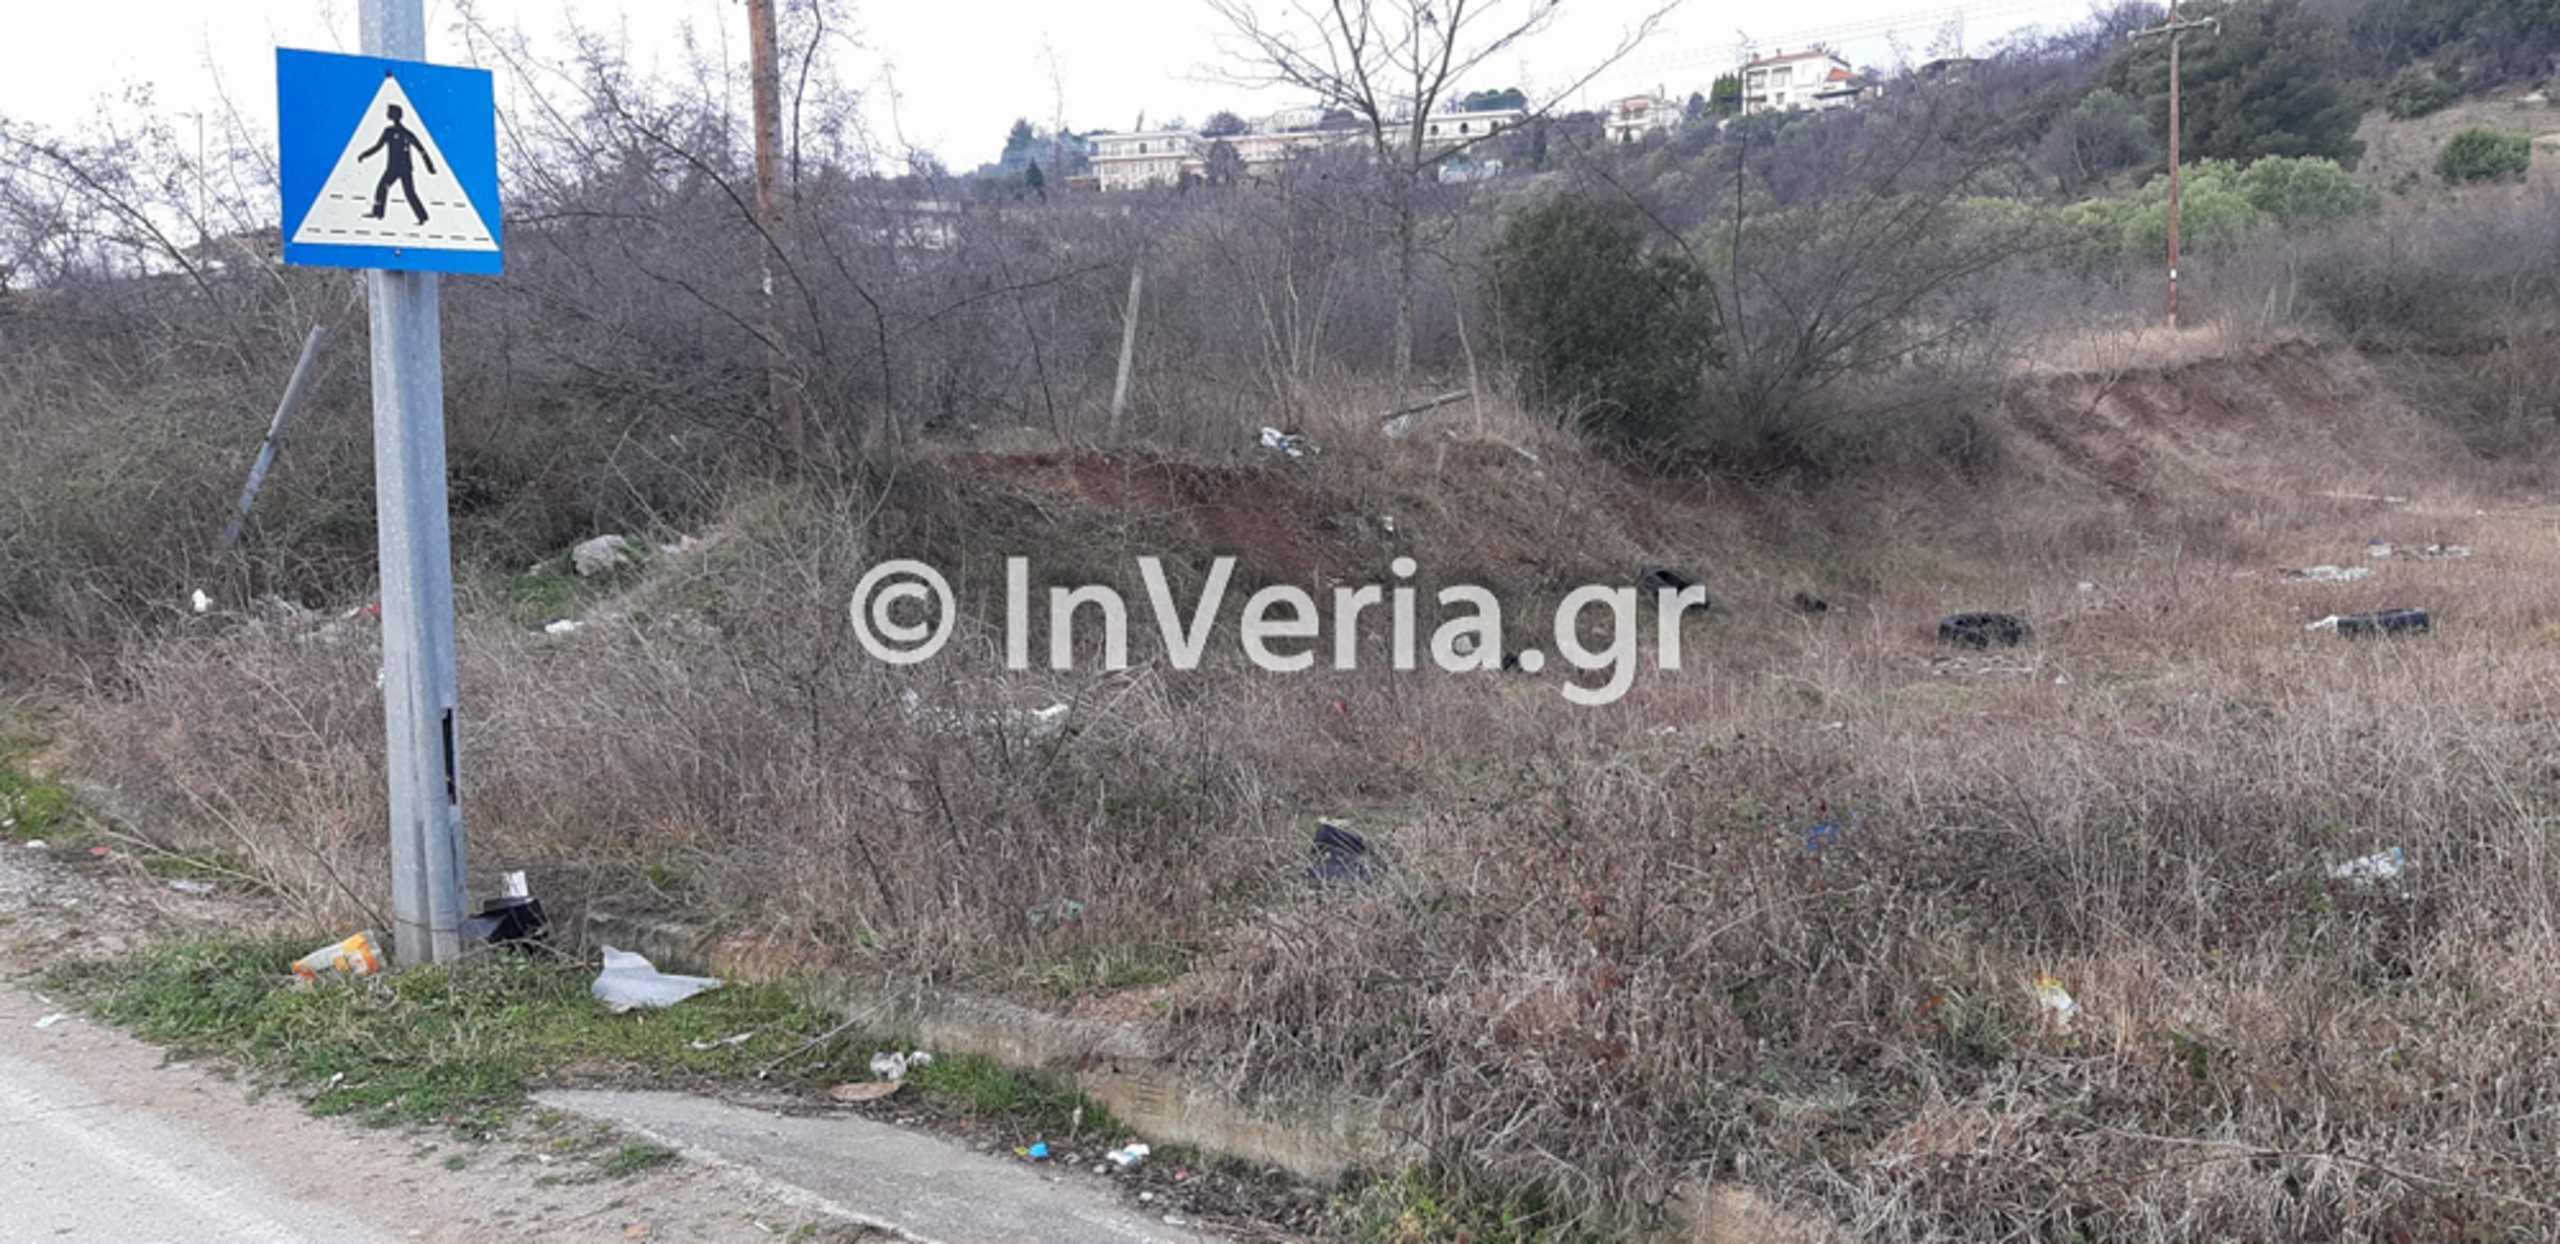 Βέροια: Ημίγυμνη γυναίκα βρέθηκε νεκρή έξω από σχολείο